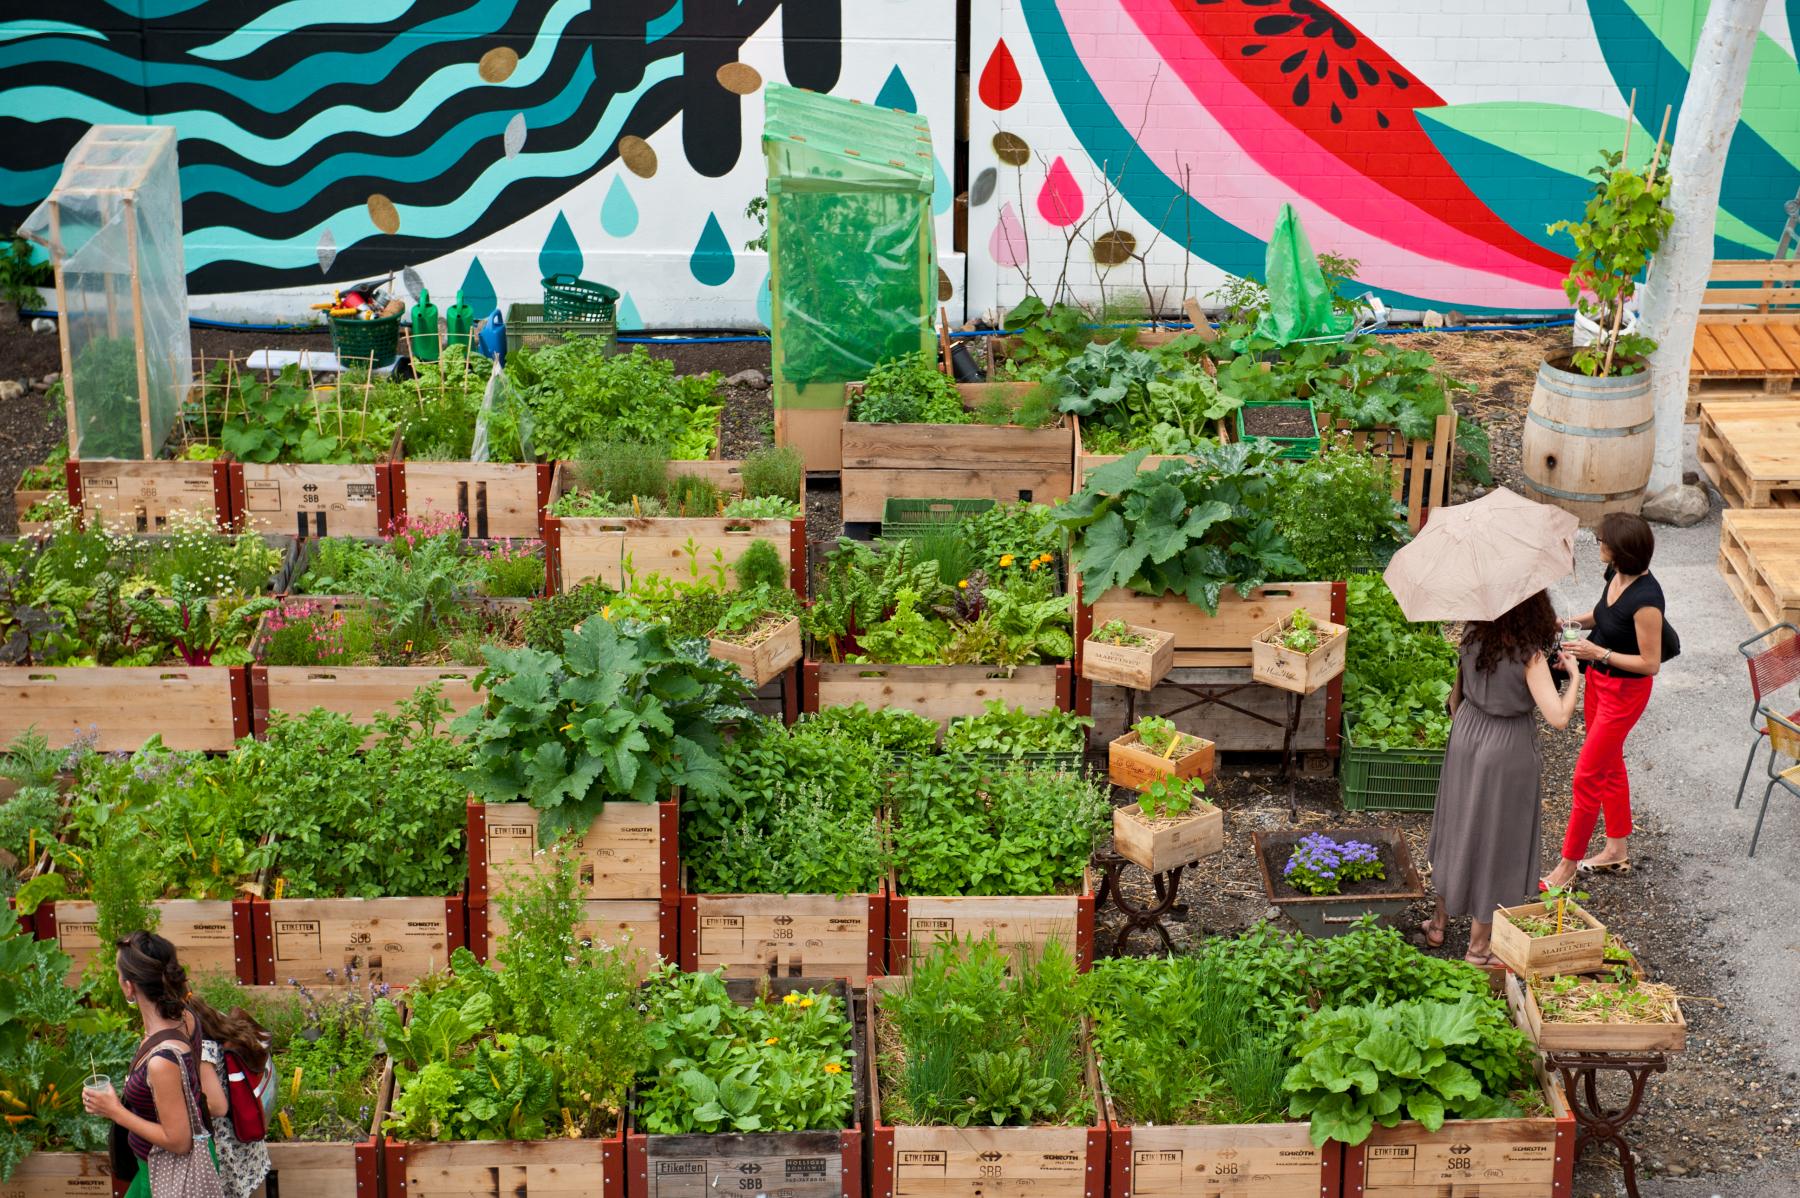 nachhaltige garten kunst skulpturen pflanzen, frau gerolds garten | sonnenterasse, sommerrestaurant, winterstube, Design ideen